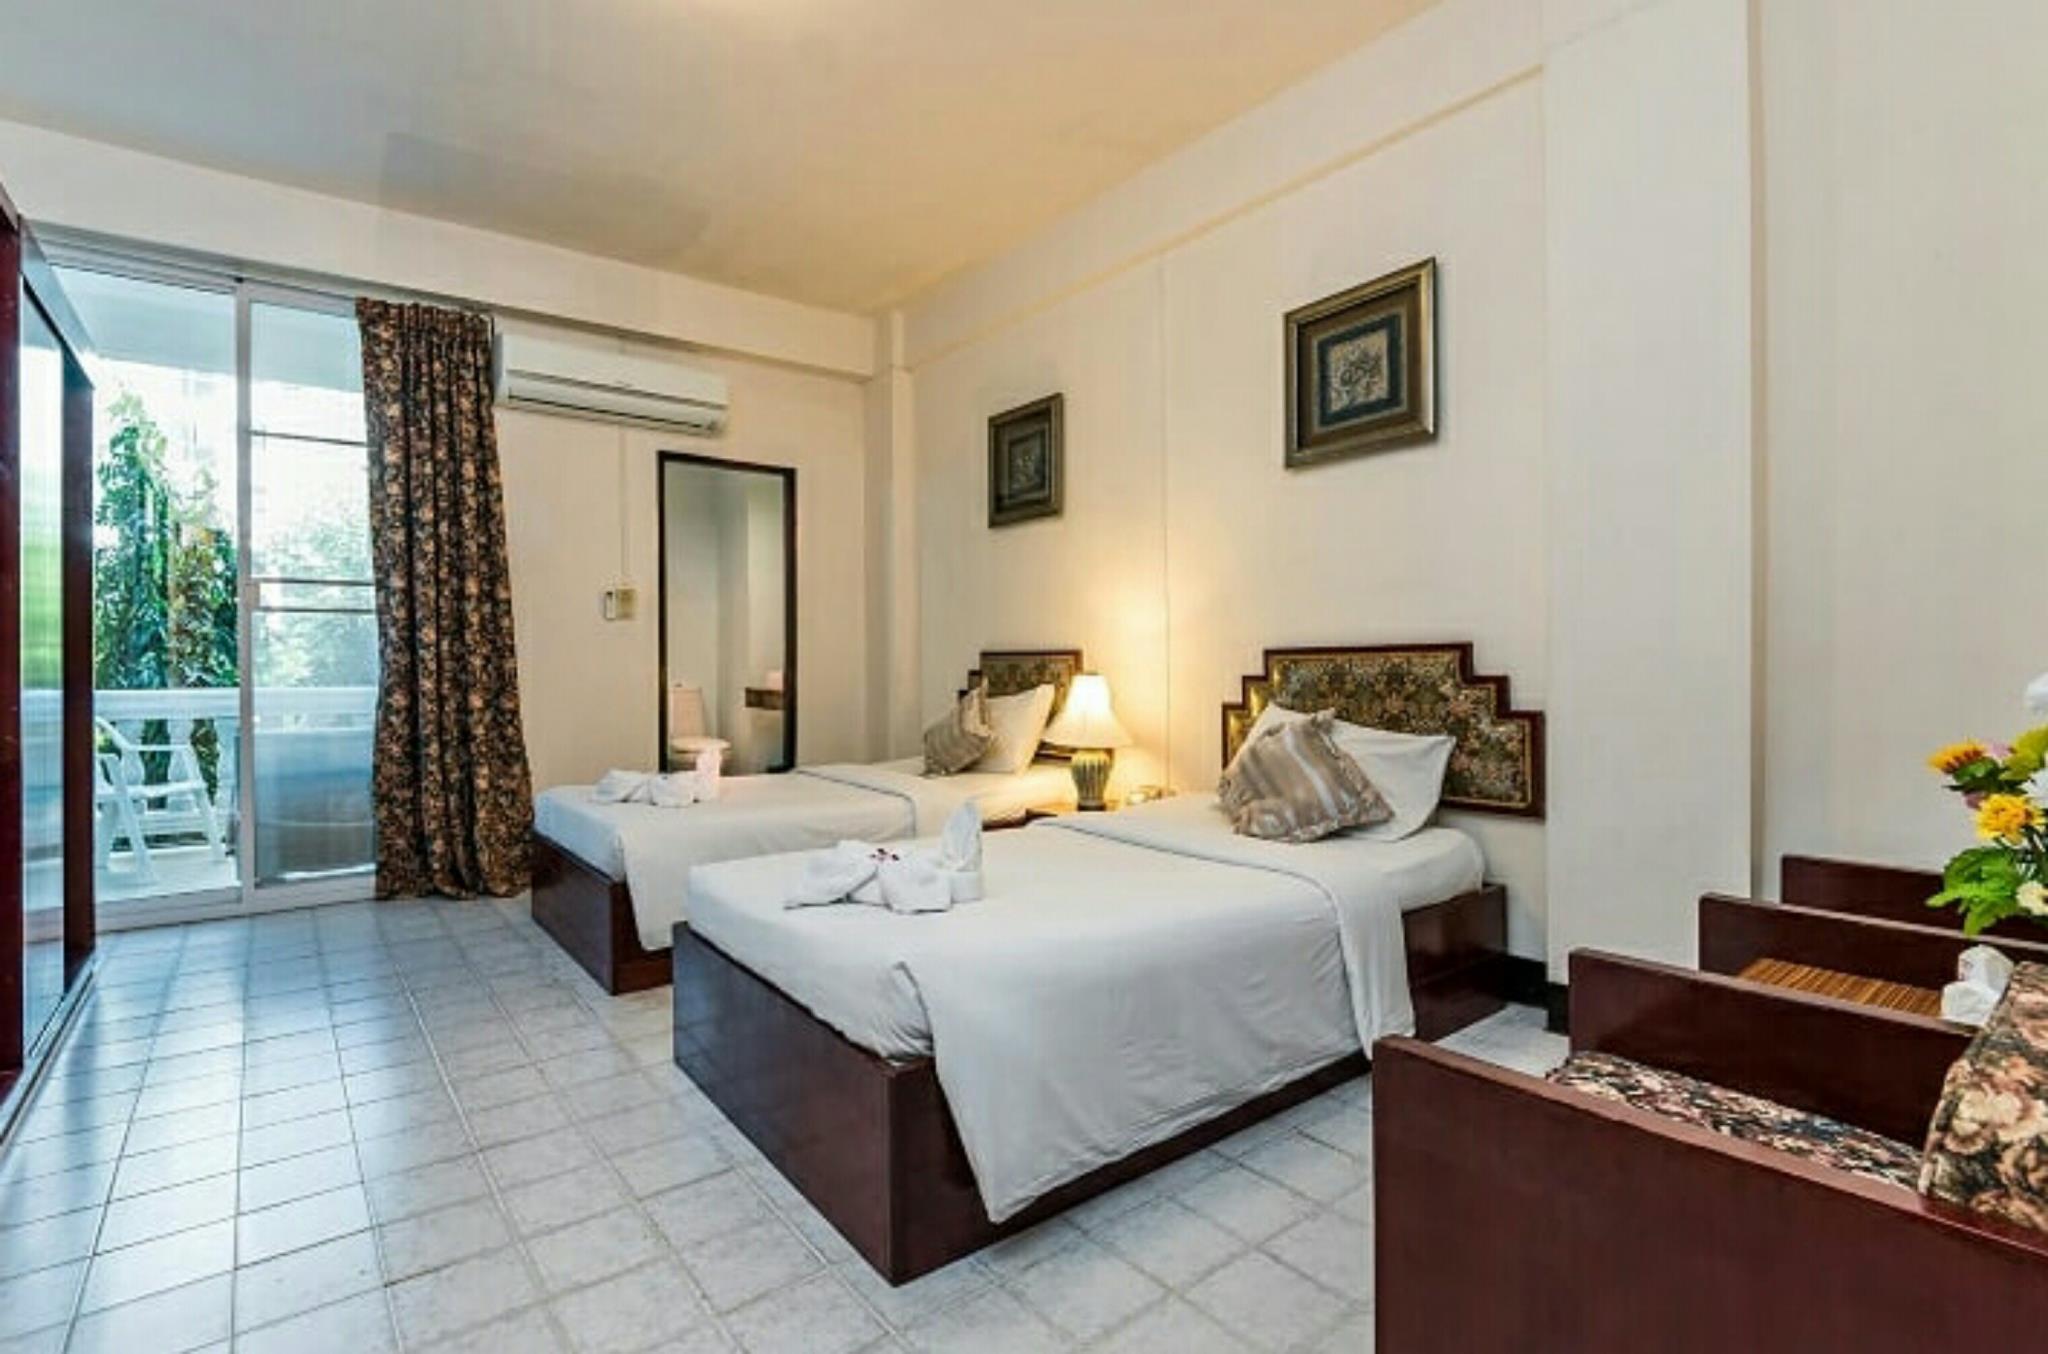 โรงแรม โรมิโอ พาเลส